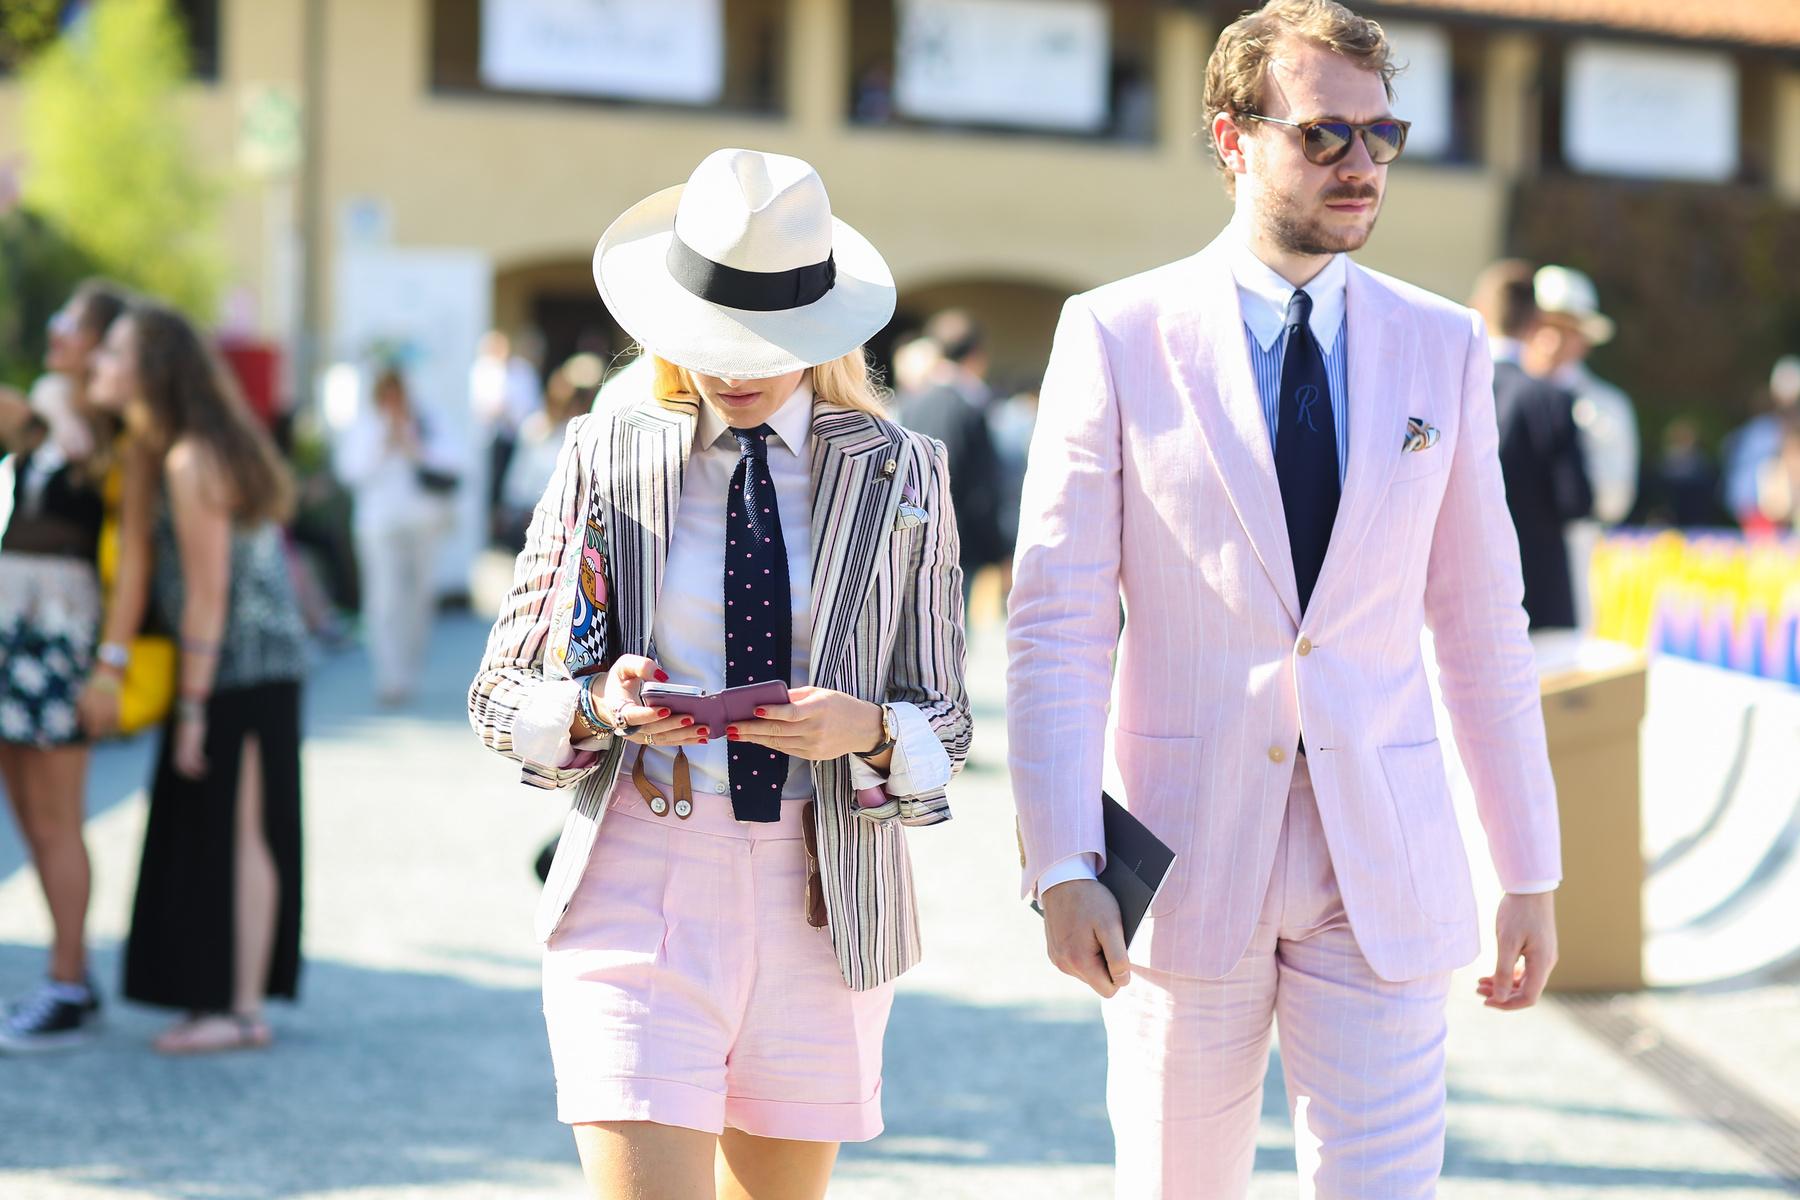 A nyári időjárás sem tartotta vissza a divatőrülteket a - sok esetben háromrészes - öltönyöktől.